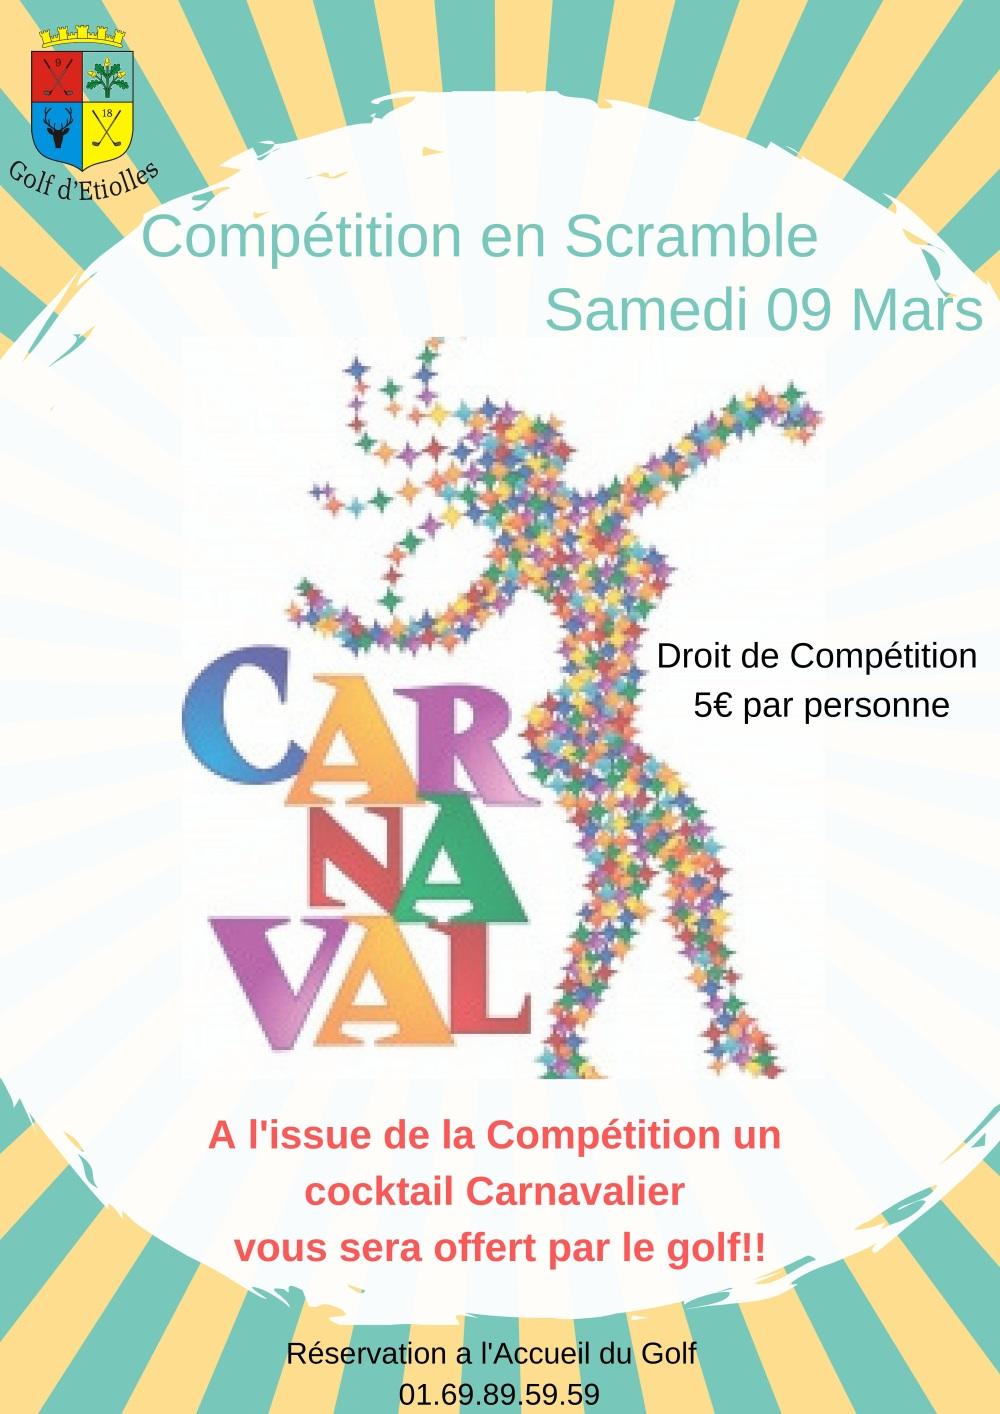 coupe du Carnaval